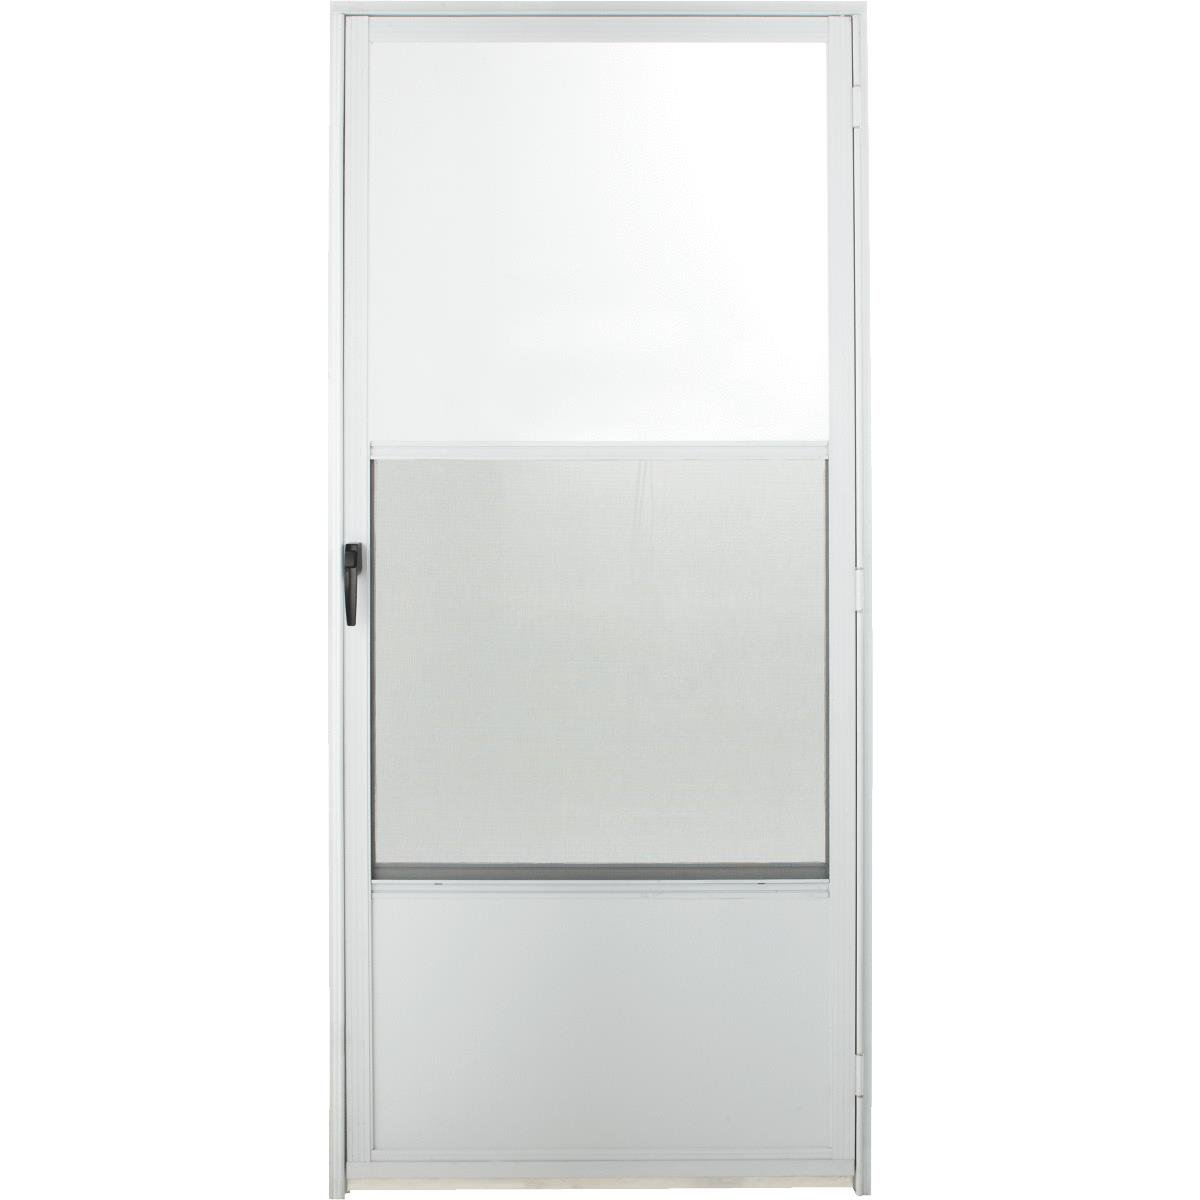 CROFT Imperial Style 163 Aluminum Storm Door